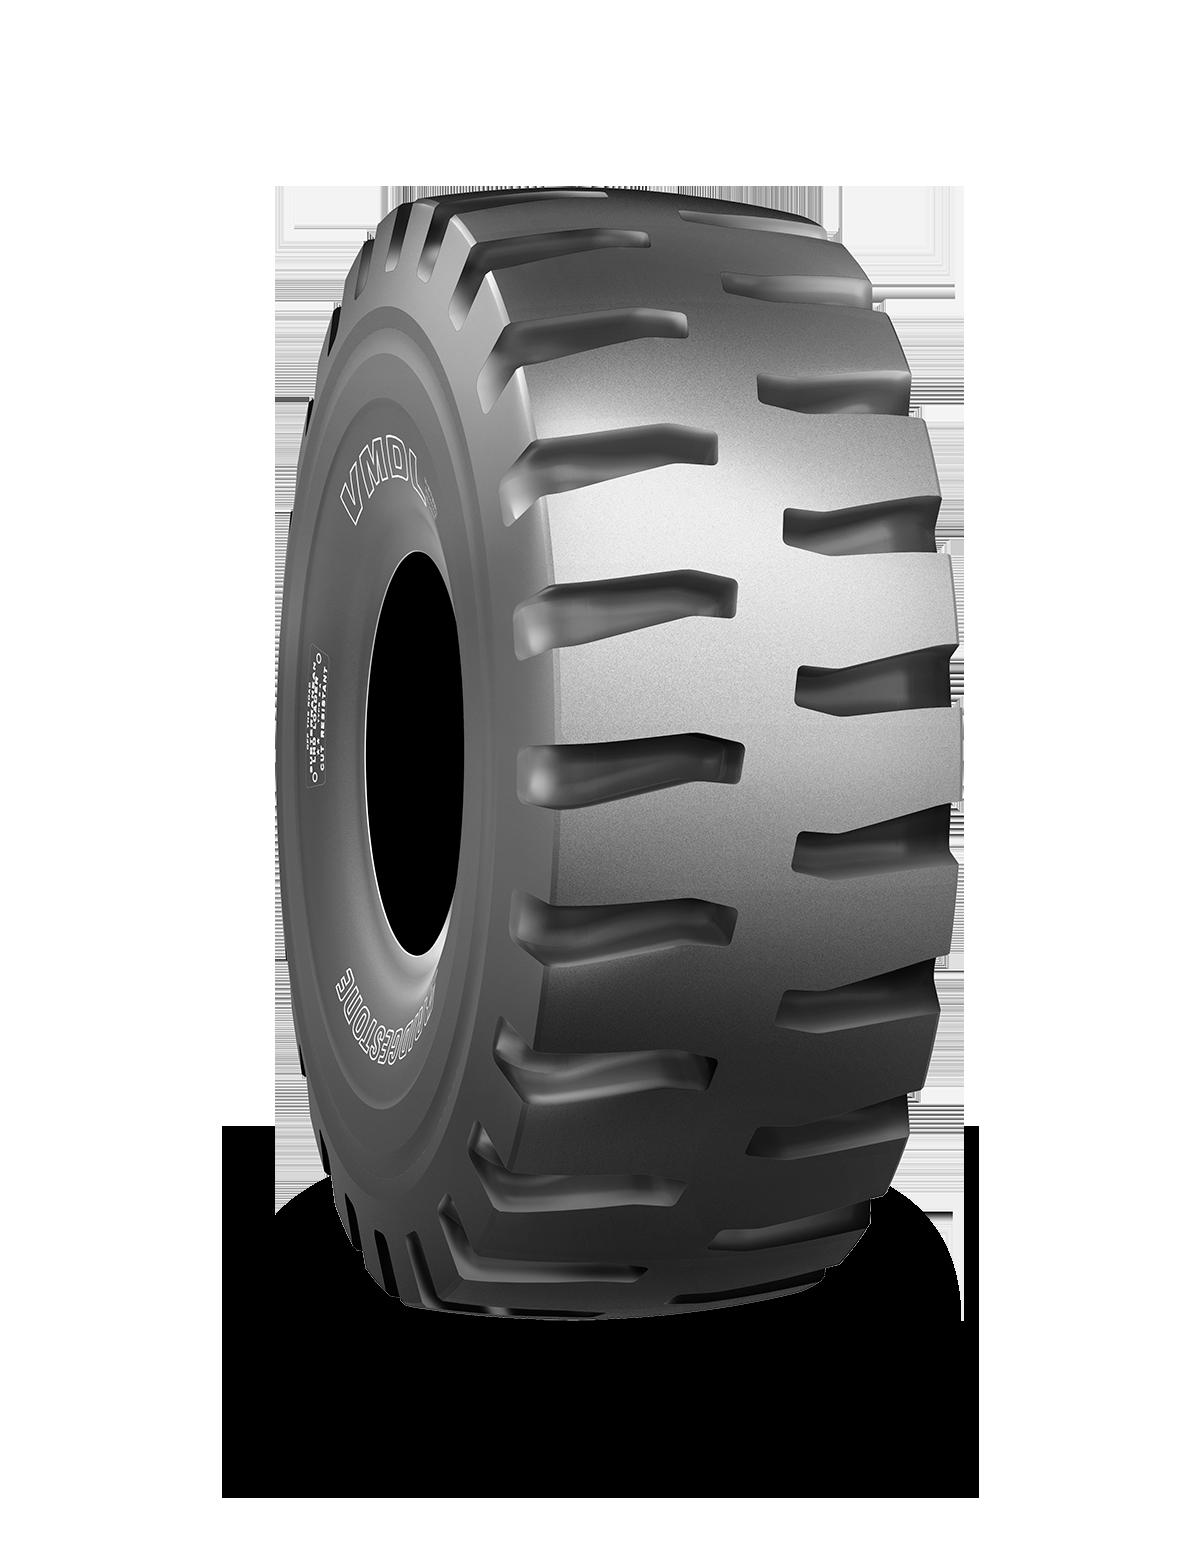 Características especializadas del neumático VMDL Underground